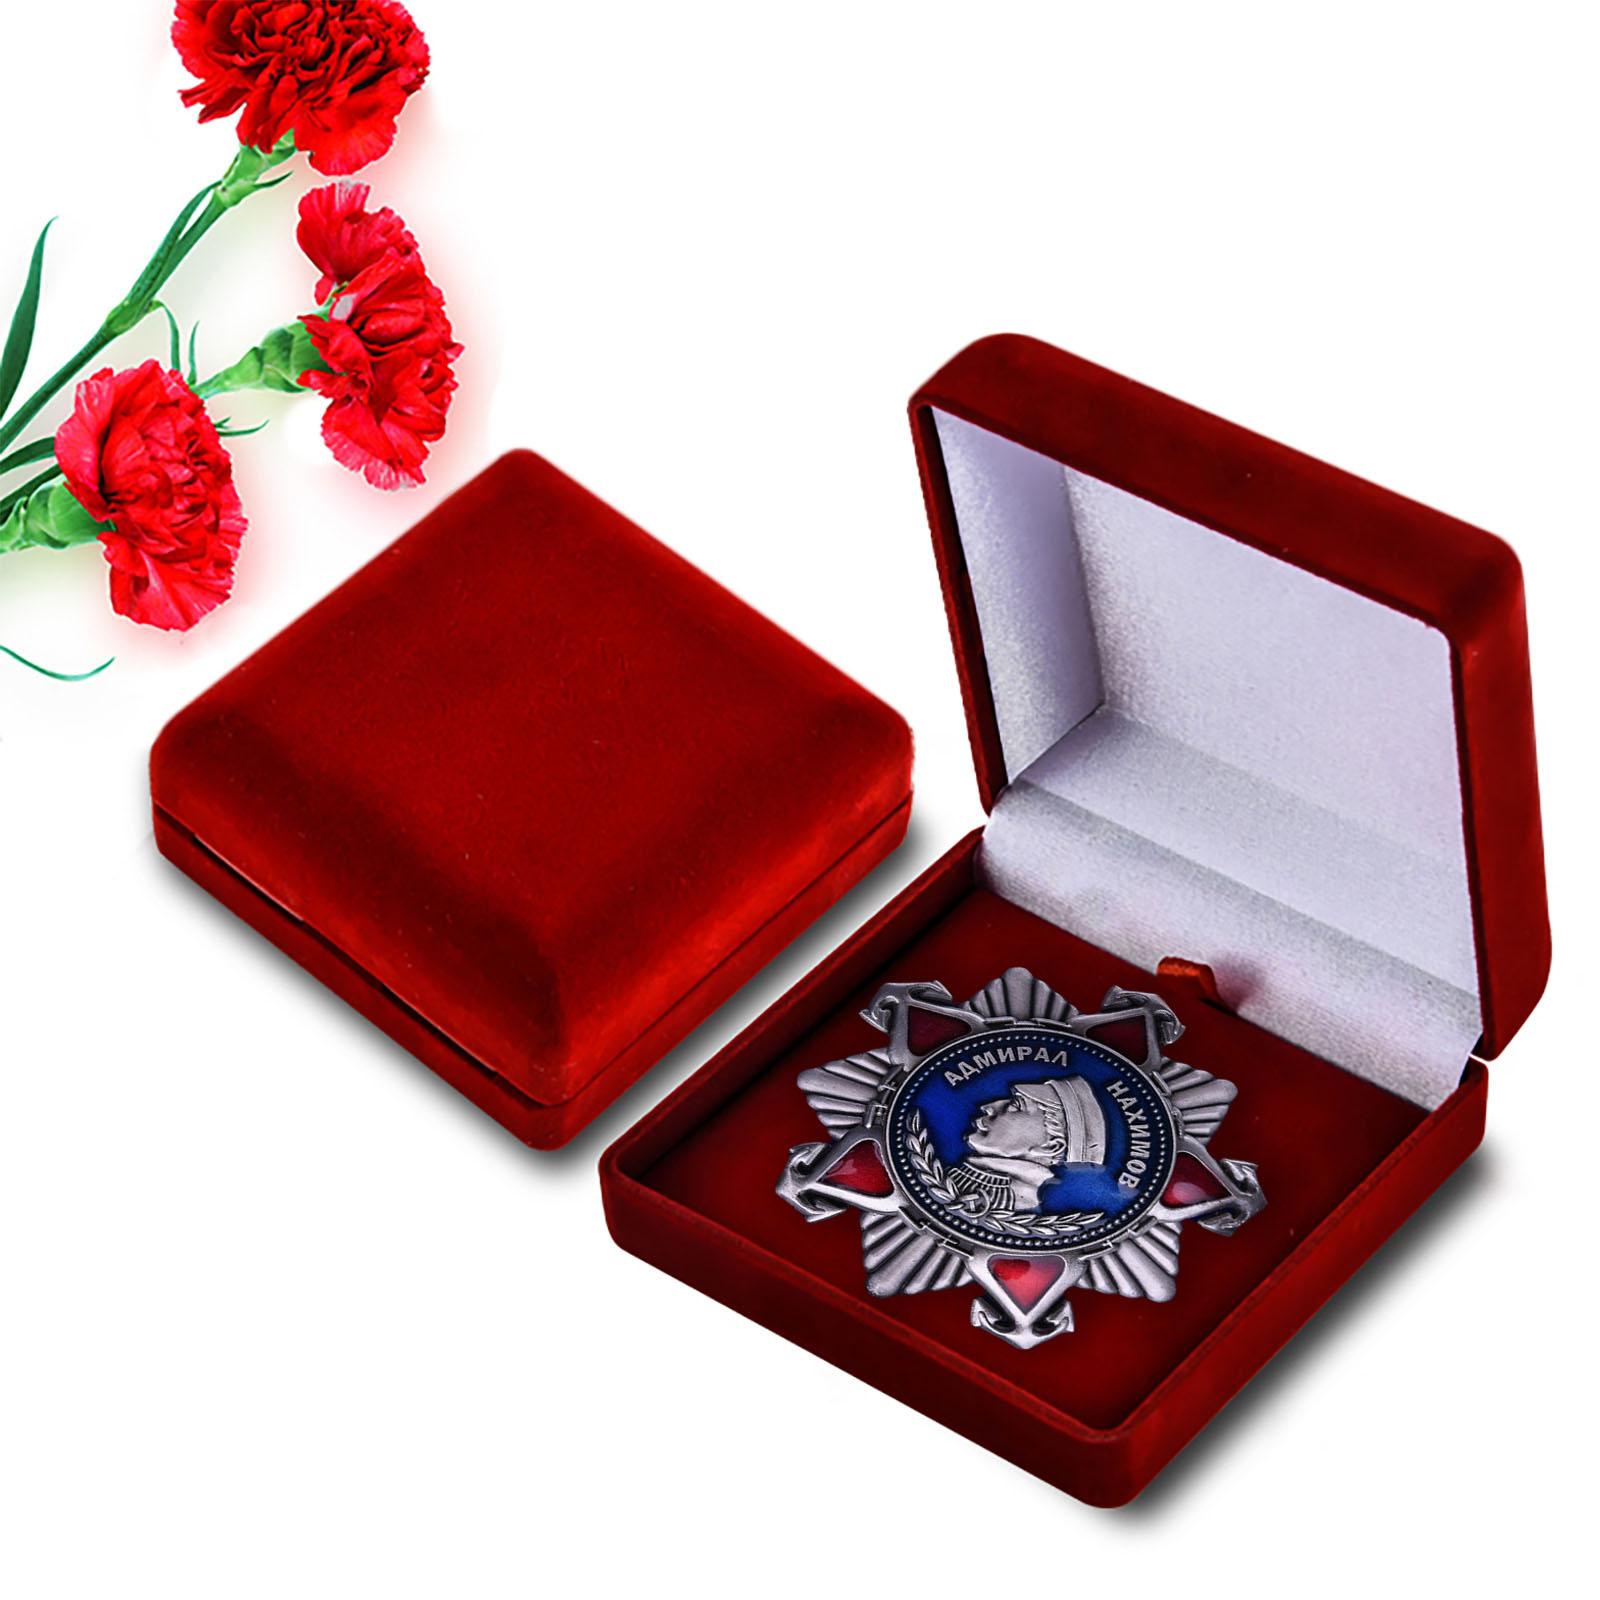 Муляж ордена Нахимова 2 степени (в футляре)